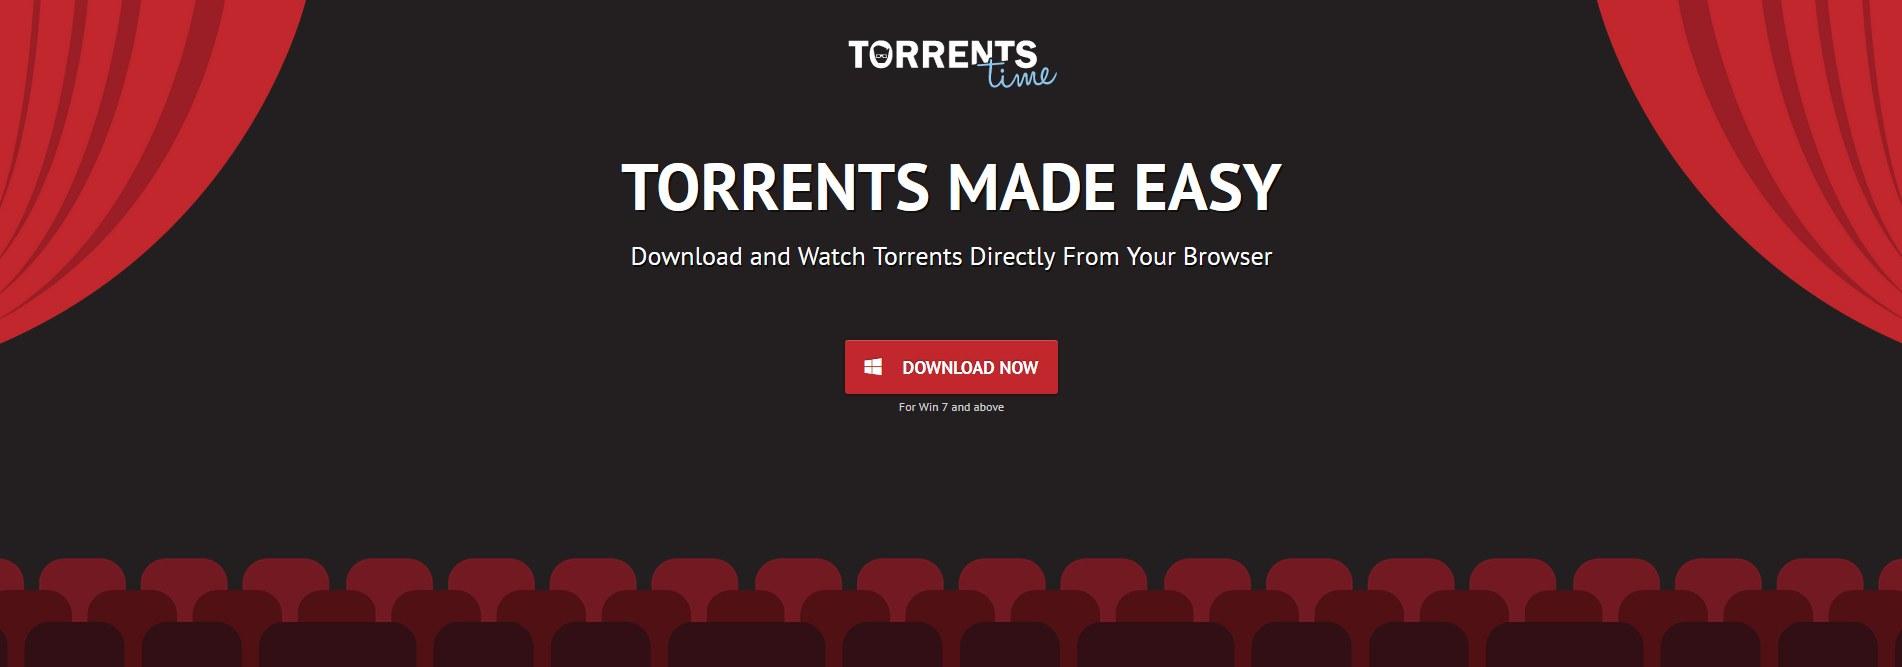 Torrents Time to idealna wtyczka do oglądania filmów online. Pod warunkiem, że jesteś piratem